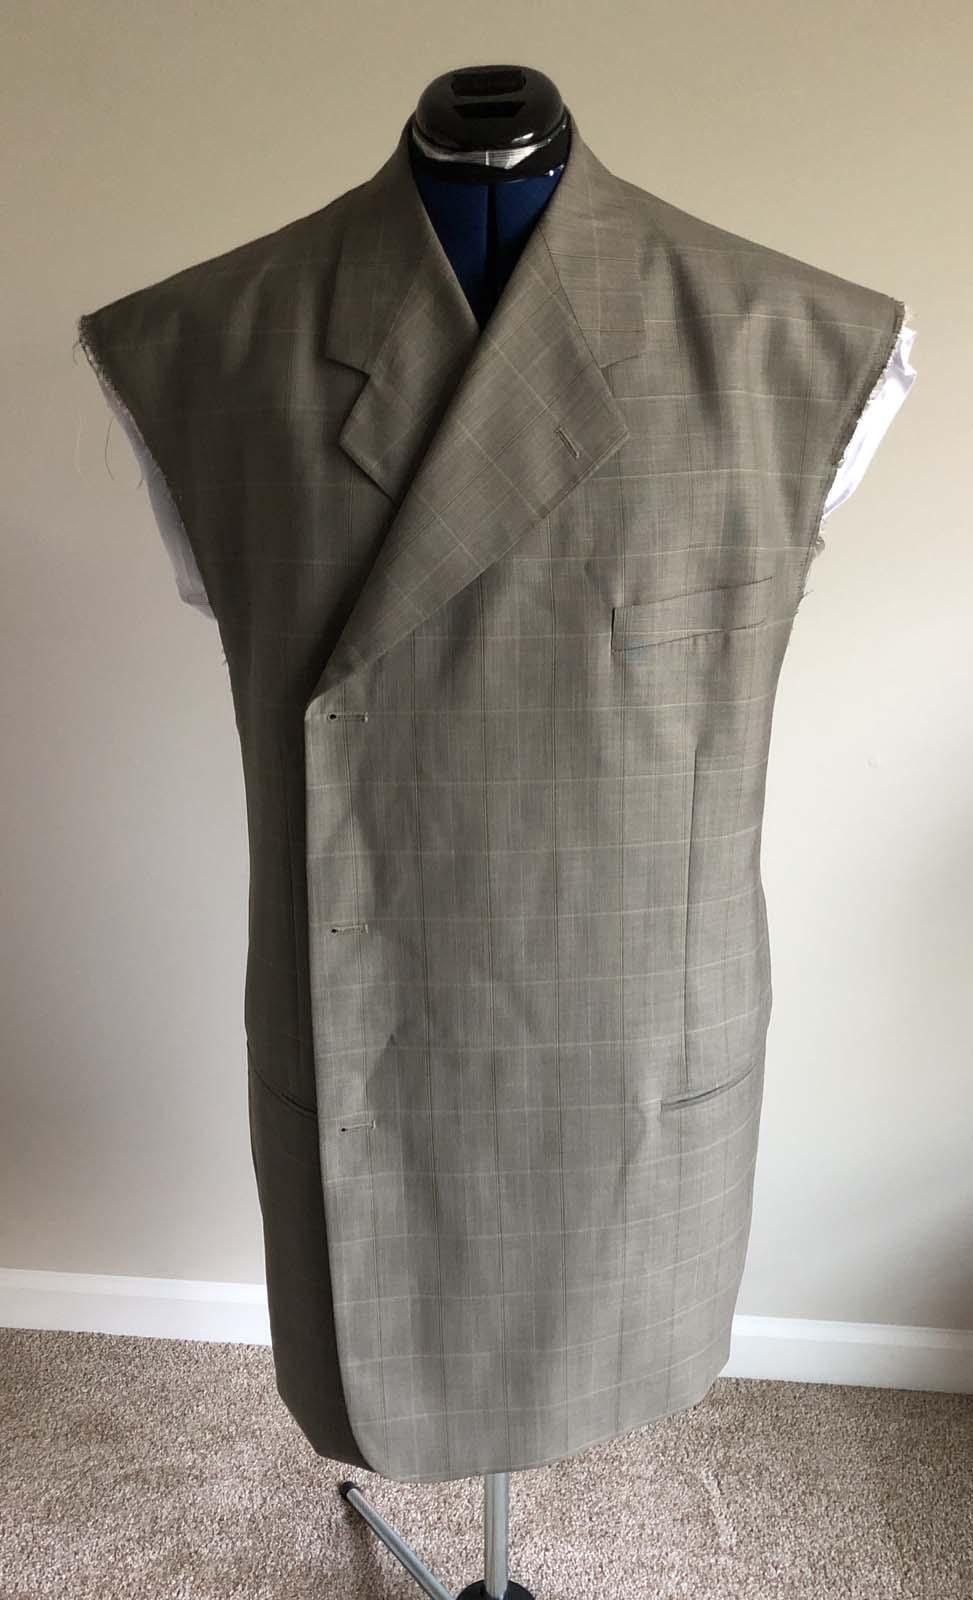 Suit jacket front before the shoulder adjustment